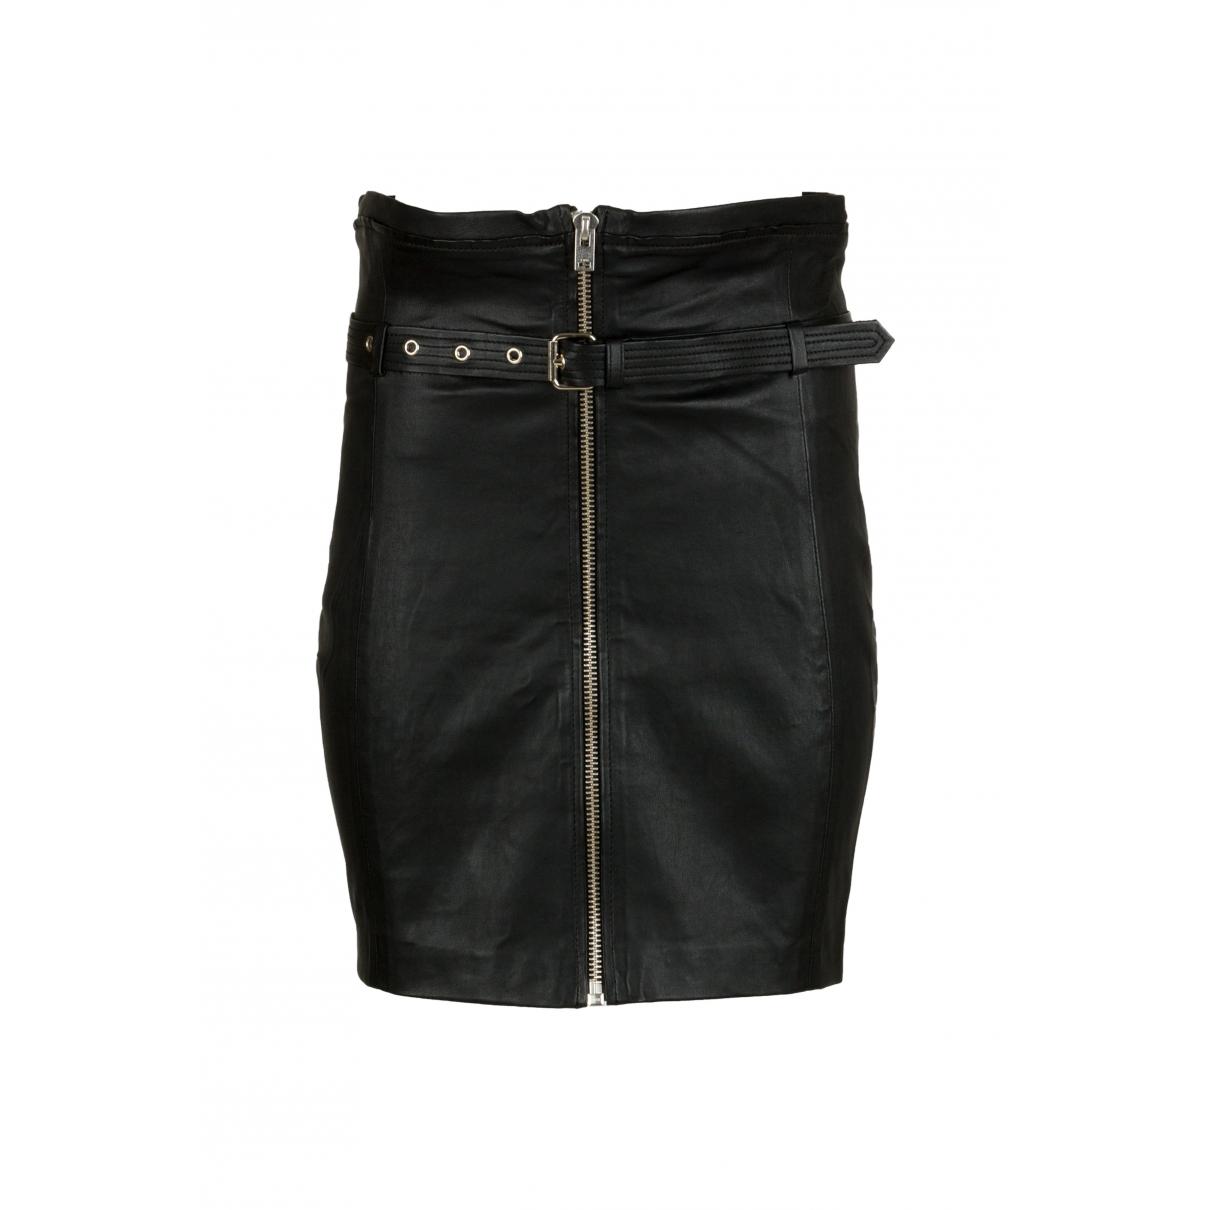 Iro \N Black Leather skirt for Women 38 FR